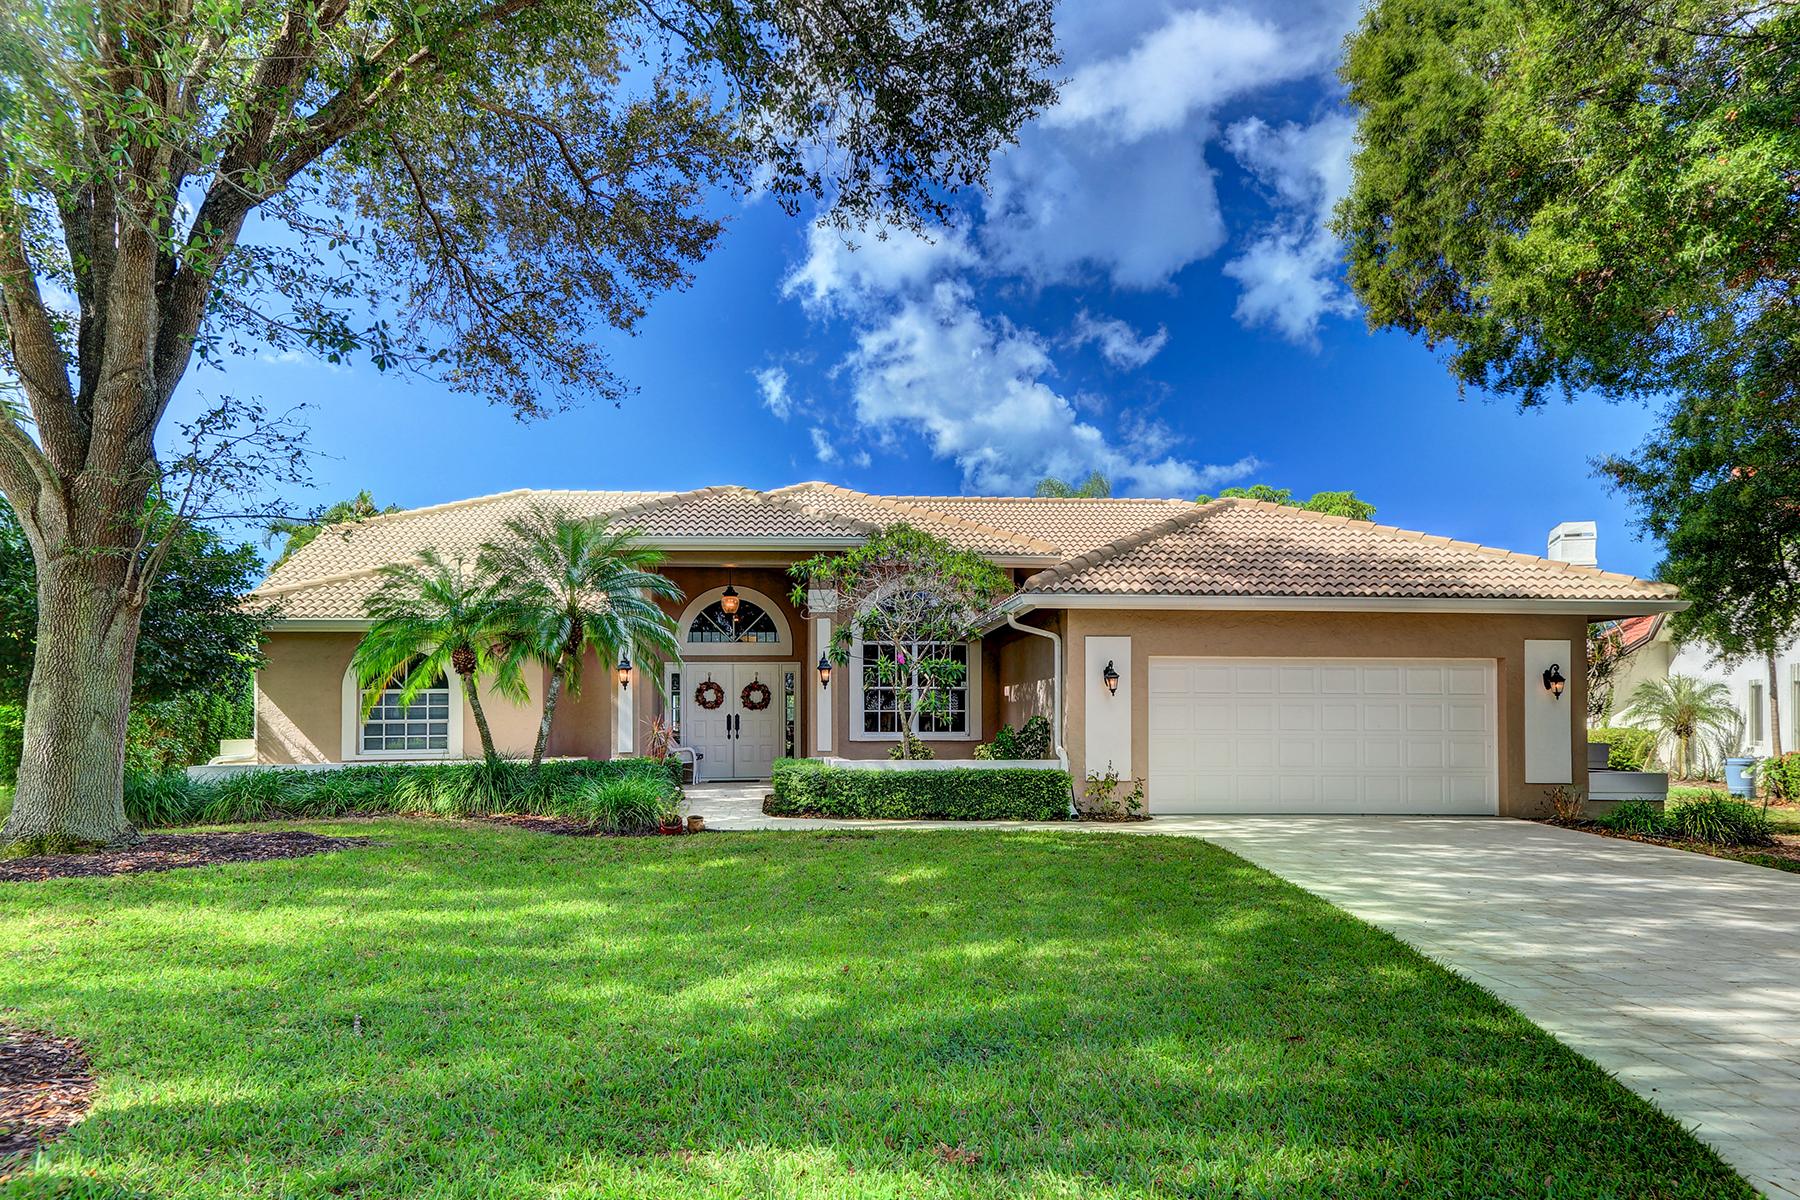 Частный односемейный дом для того Продажа на MONTEREY 7653 Ponte Verde Way Naples, Флорида 34109 Соединенные Штаты